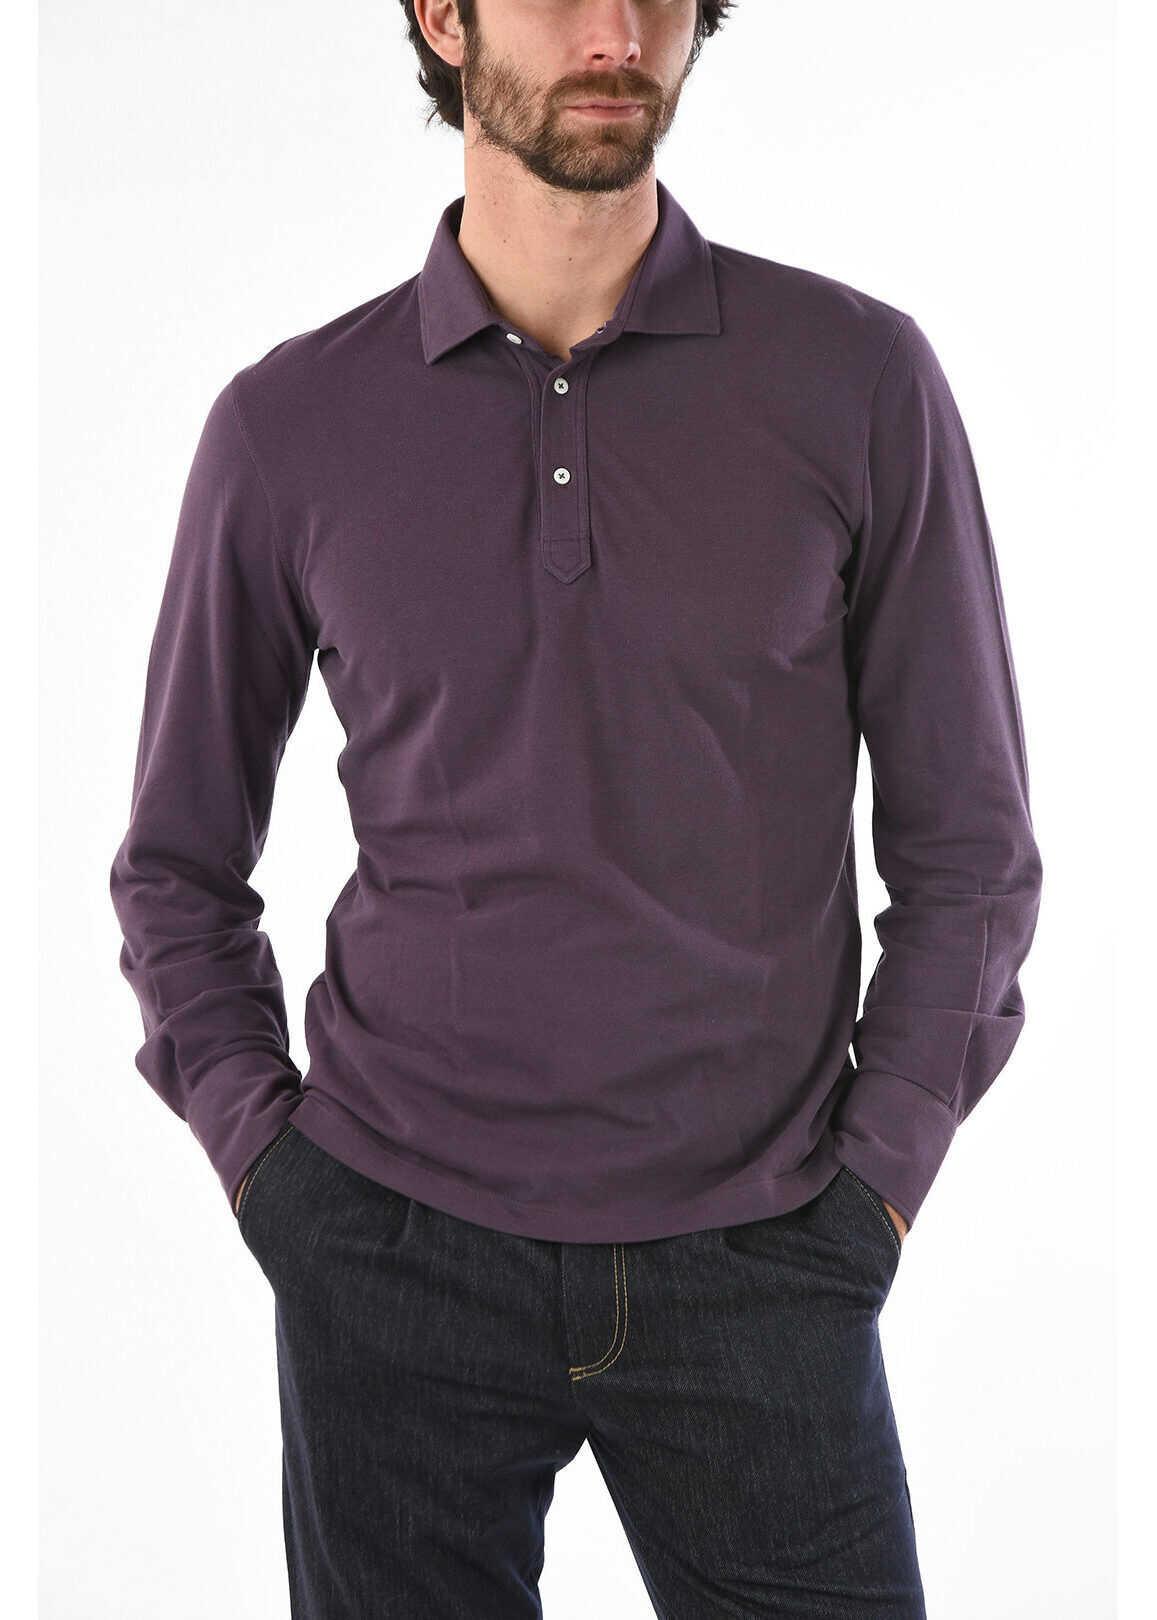 Brunello Cucinelli Cotton Long Sleeve SLIM FIT Polo Shirt VIOLET imagine